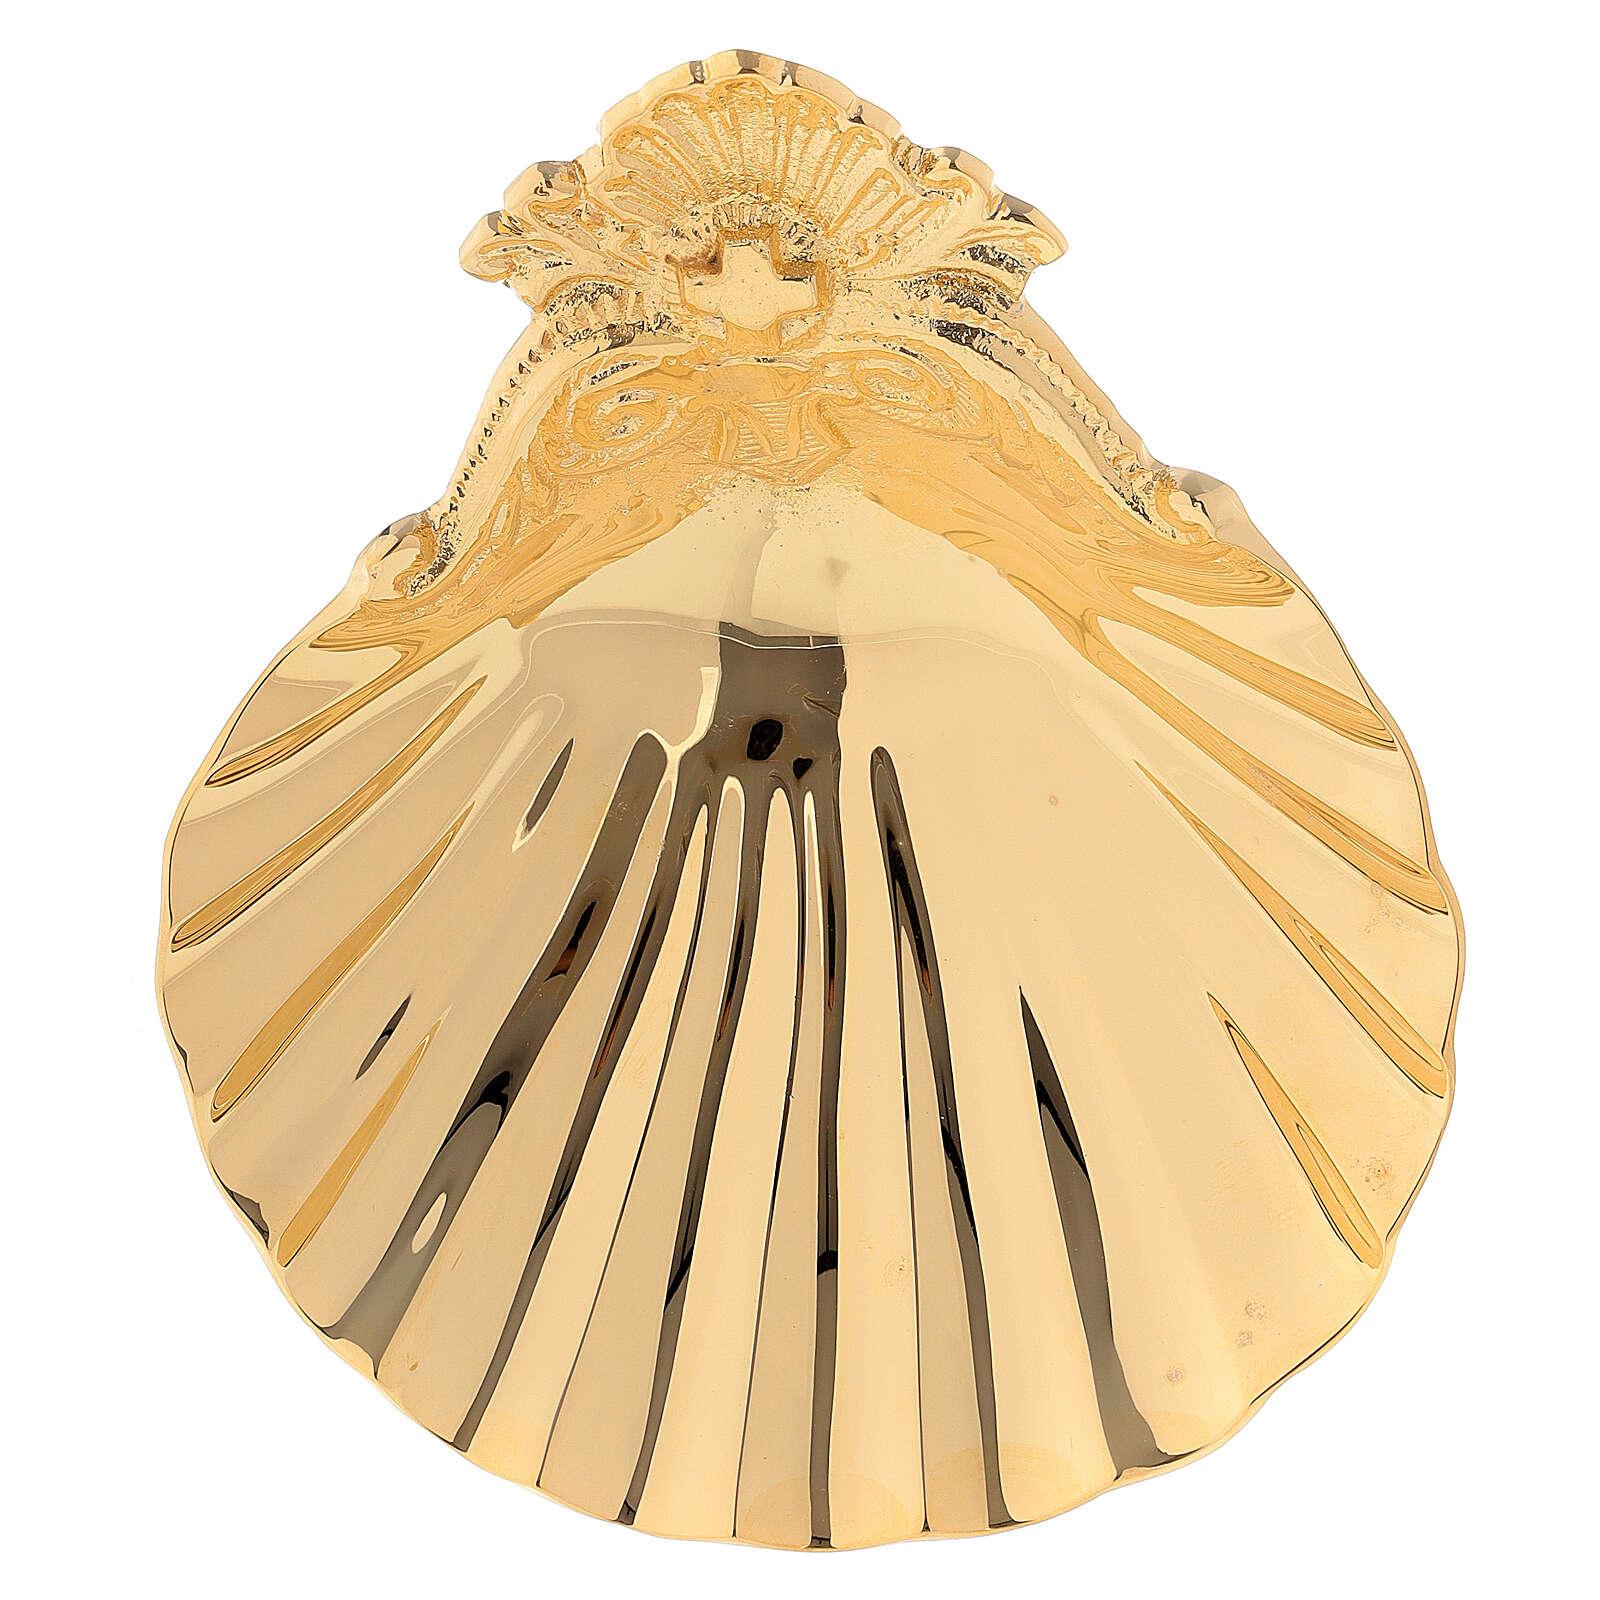 Muschelschale fűr Taufe aus vergoldetem Messing 3